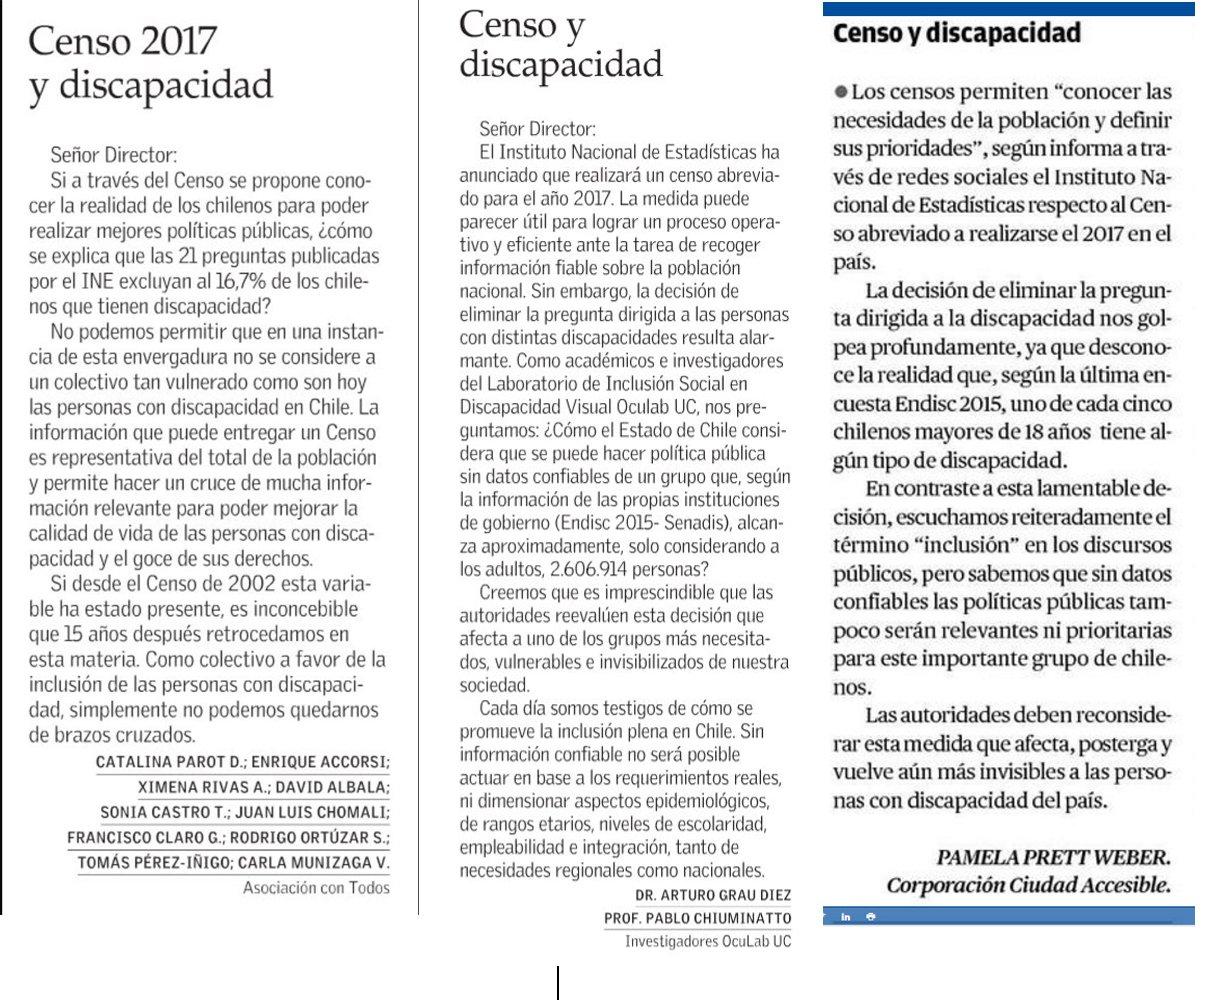 3 cartas publicadas en la prensa sobre el tema censo y exclusión de discapacidad